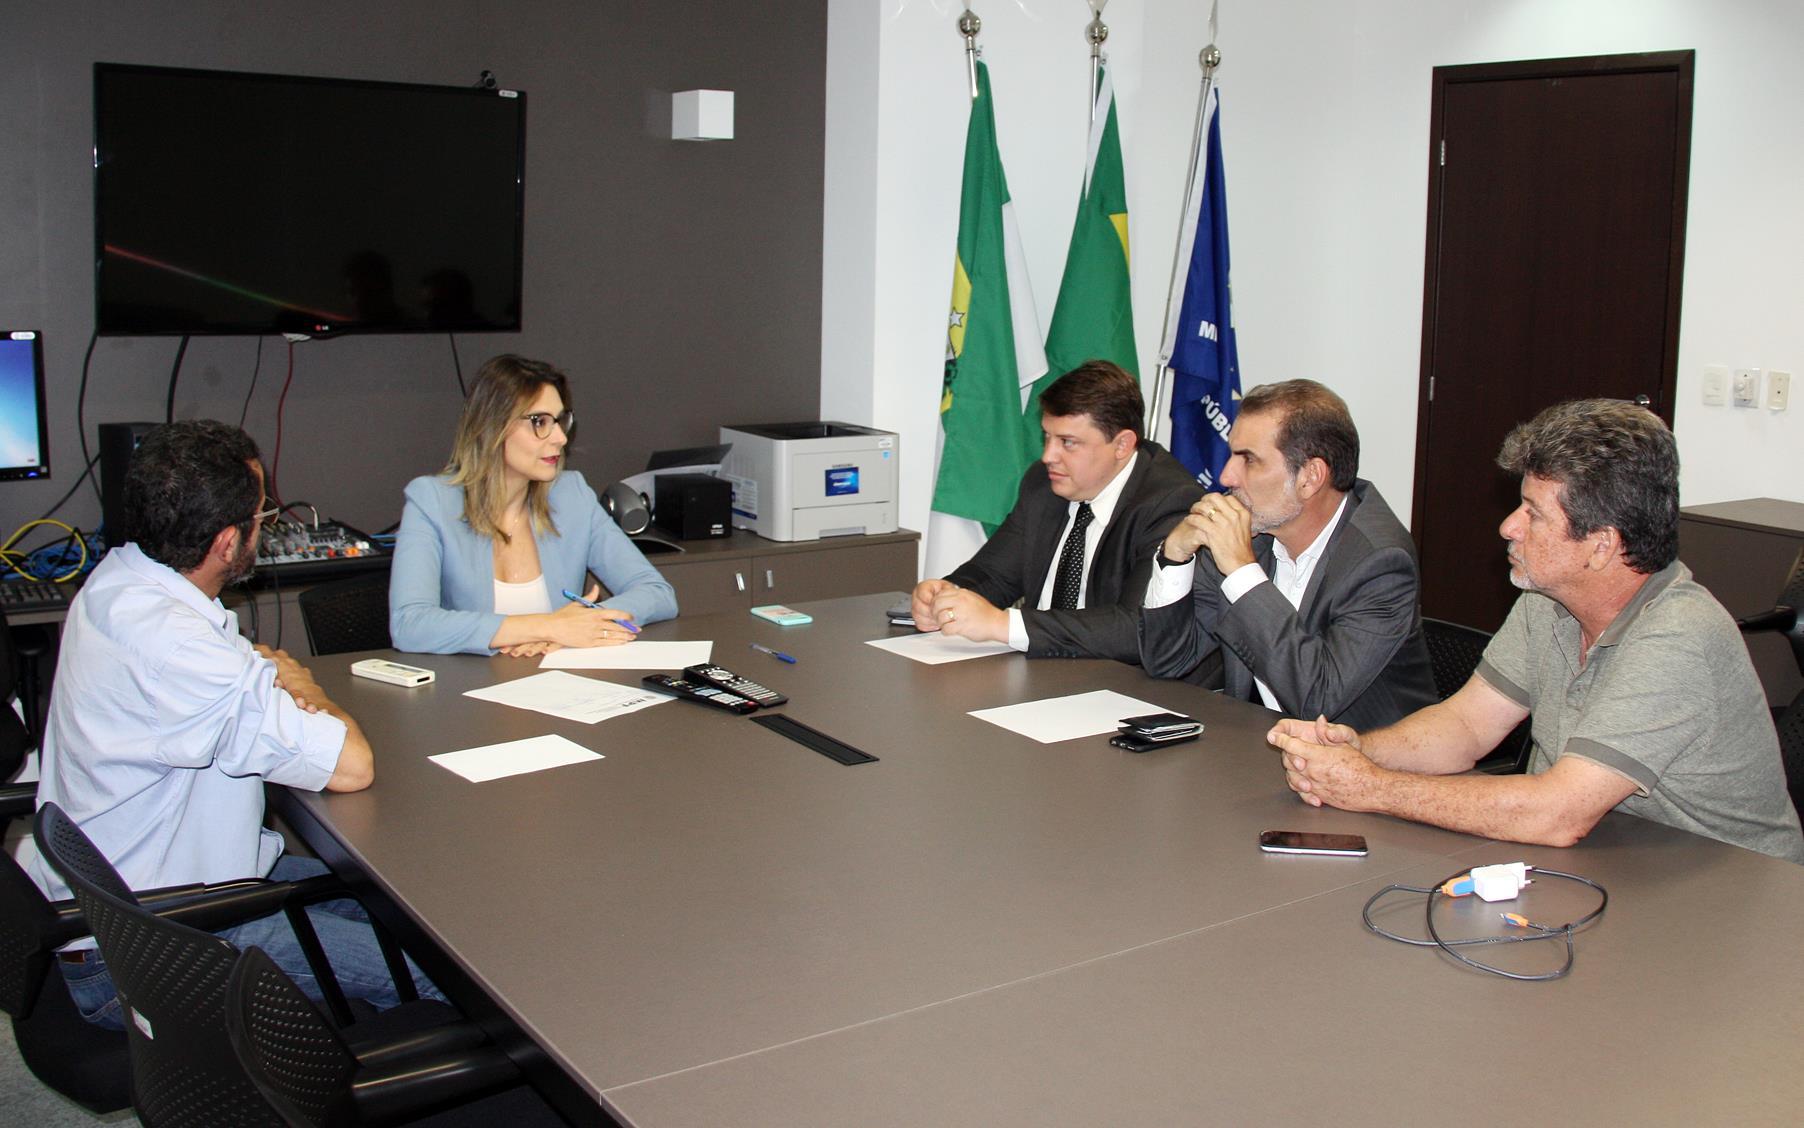 Procuradora-regional-eleitoral-Cibele-Benevides-em-reunião-com-representantes-do-PT-para-segundo-turno-no-RN